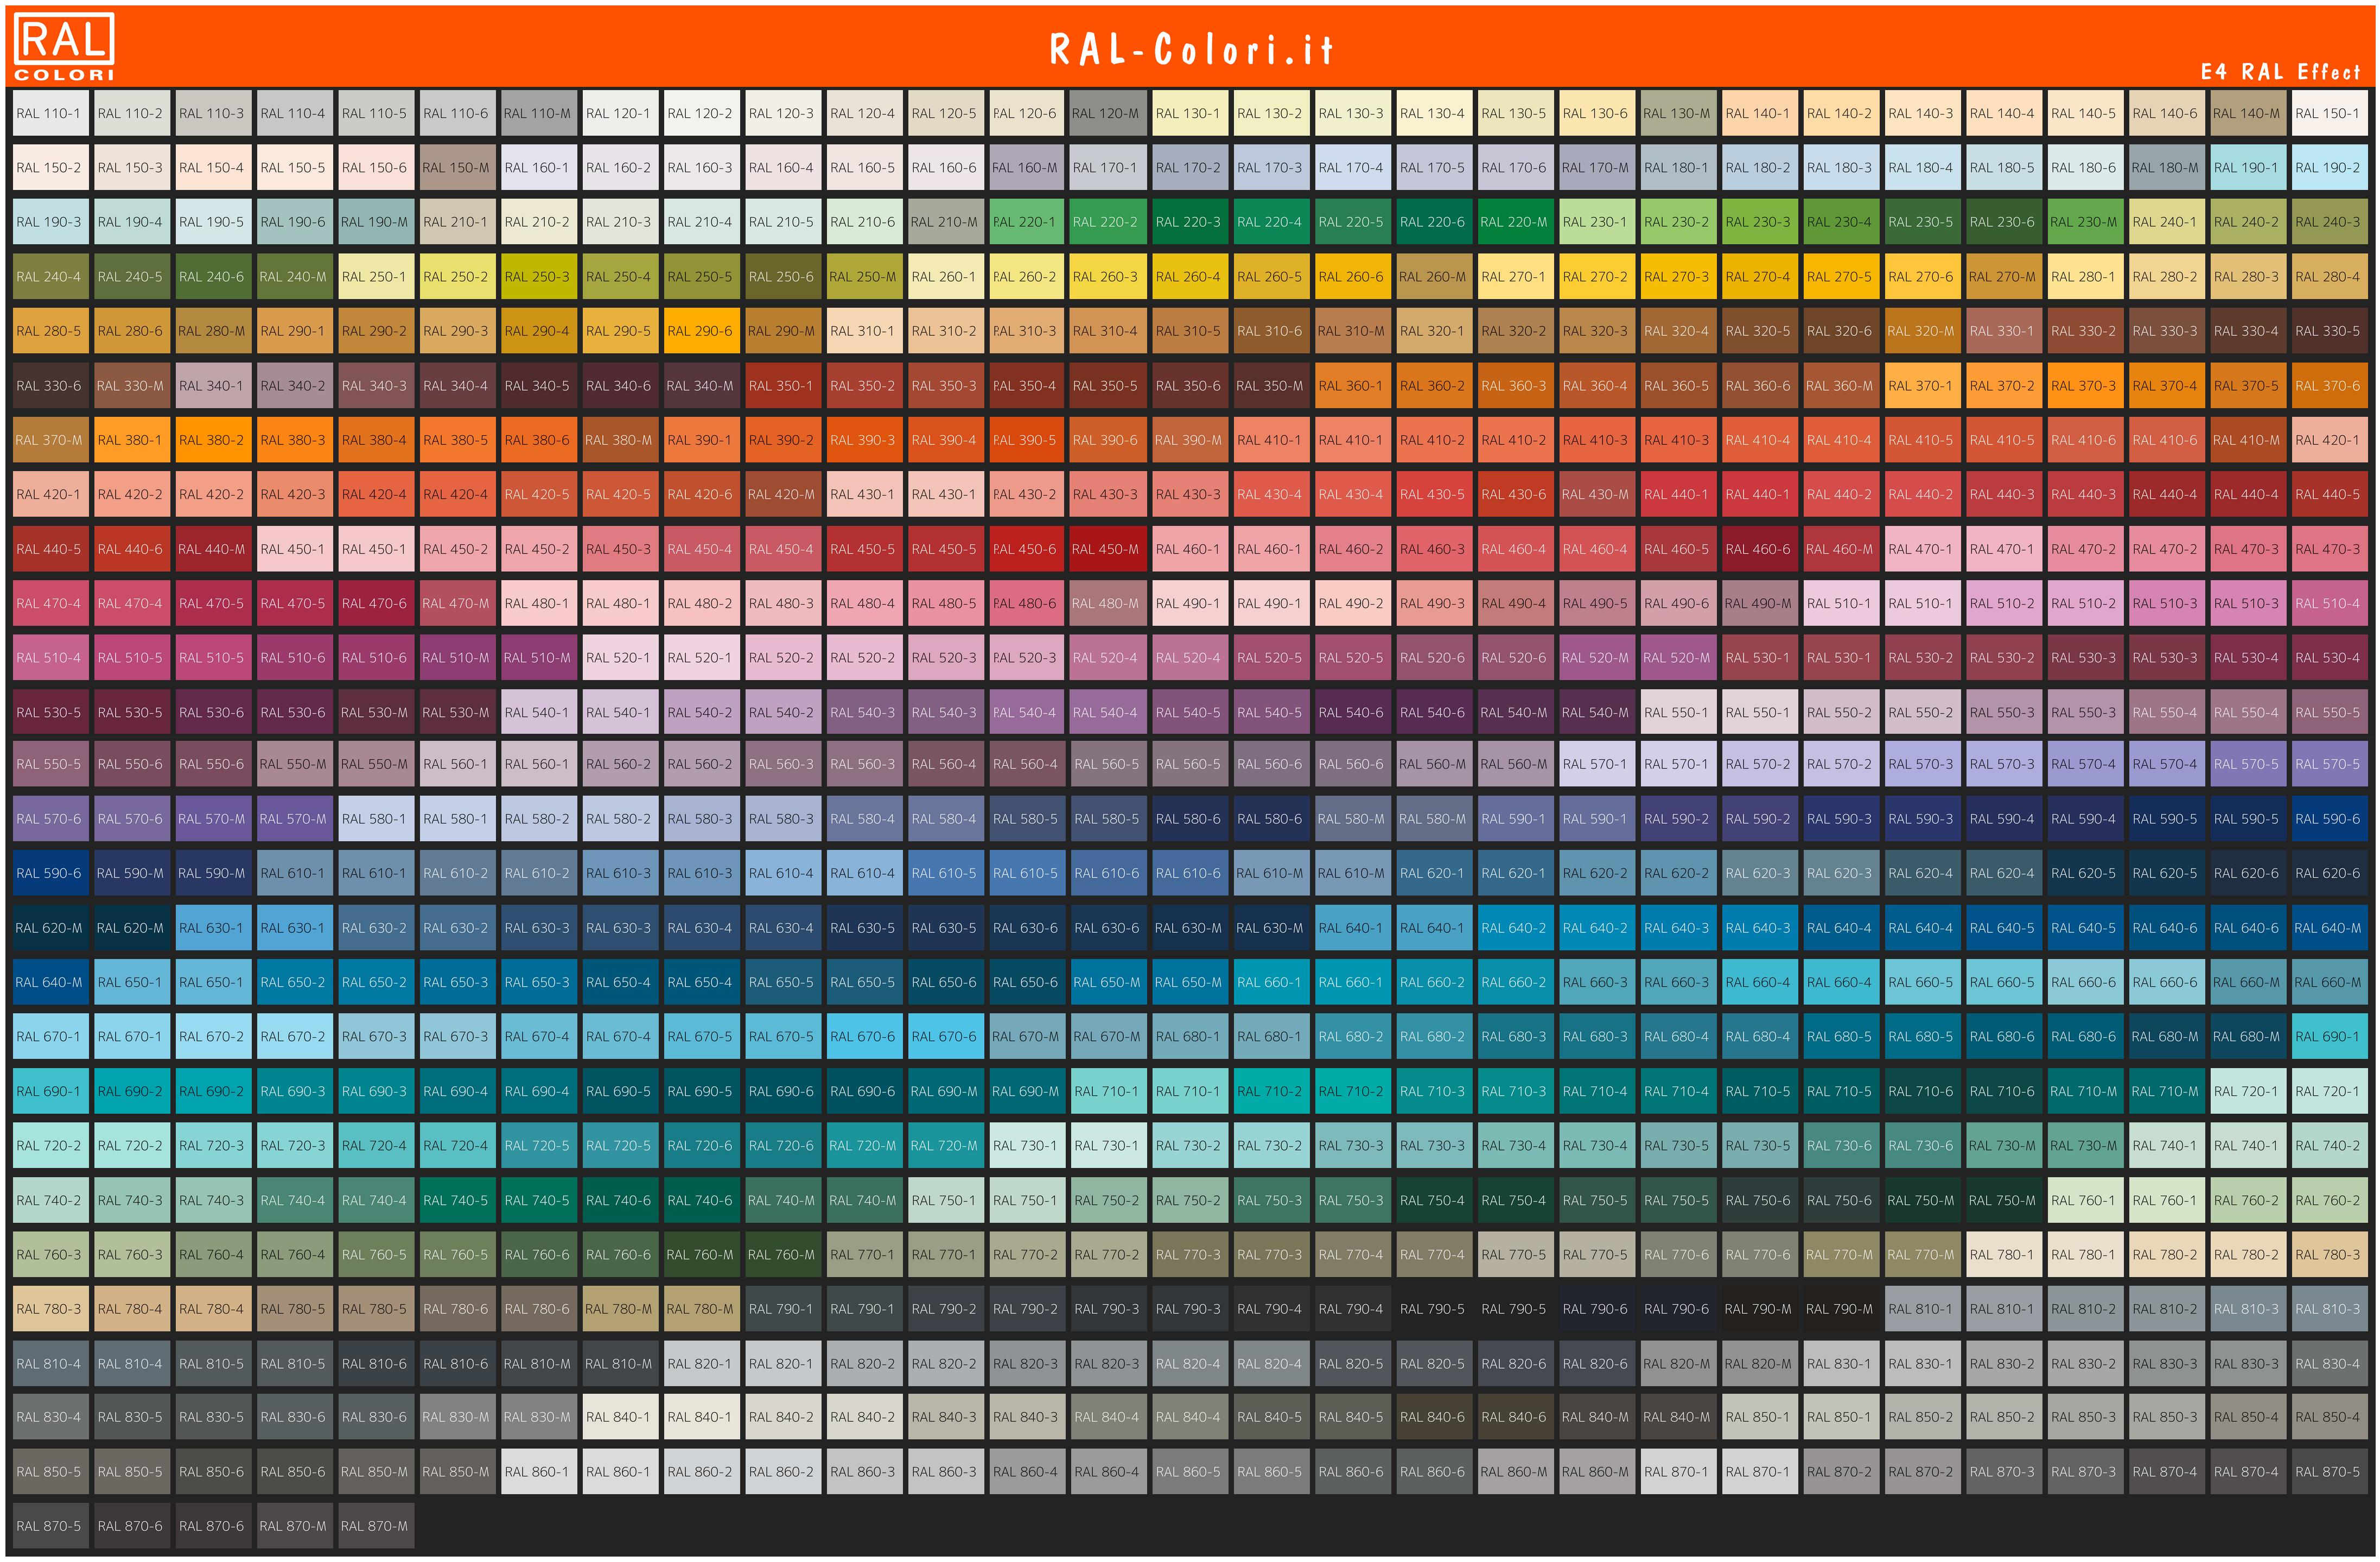 E4 RAL effect cartella colori IT